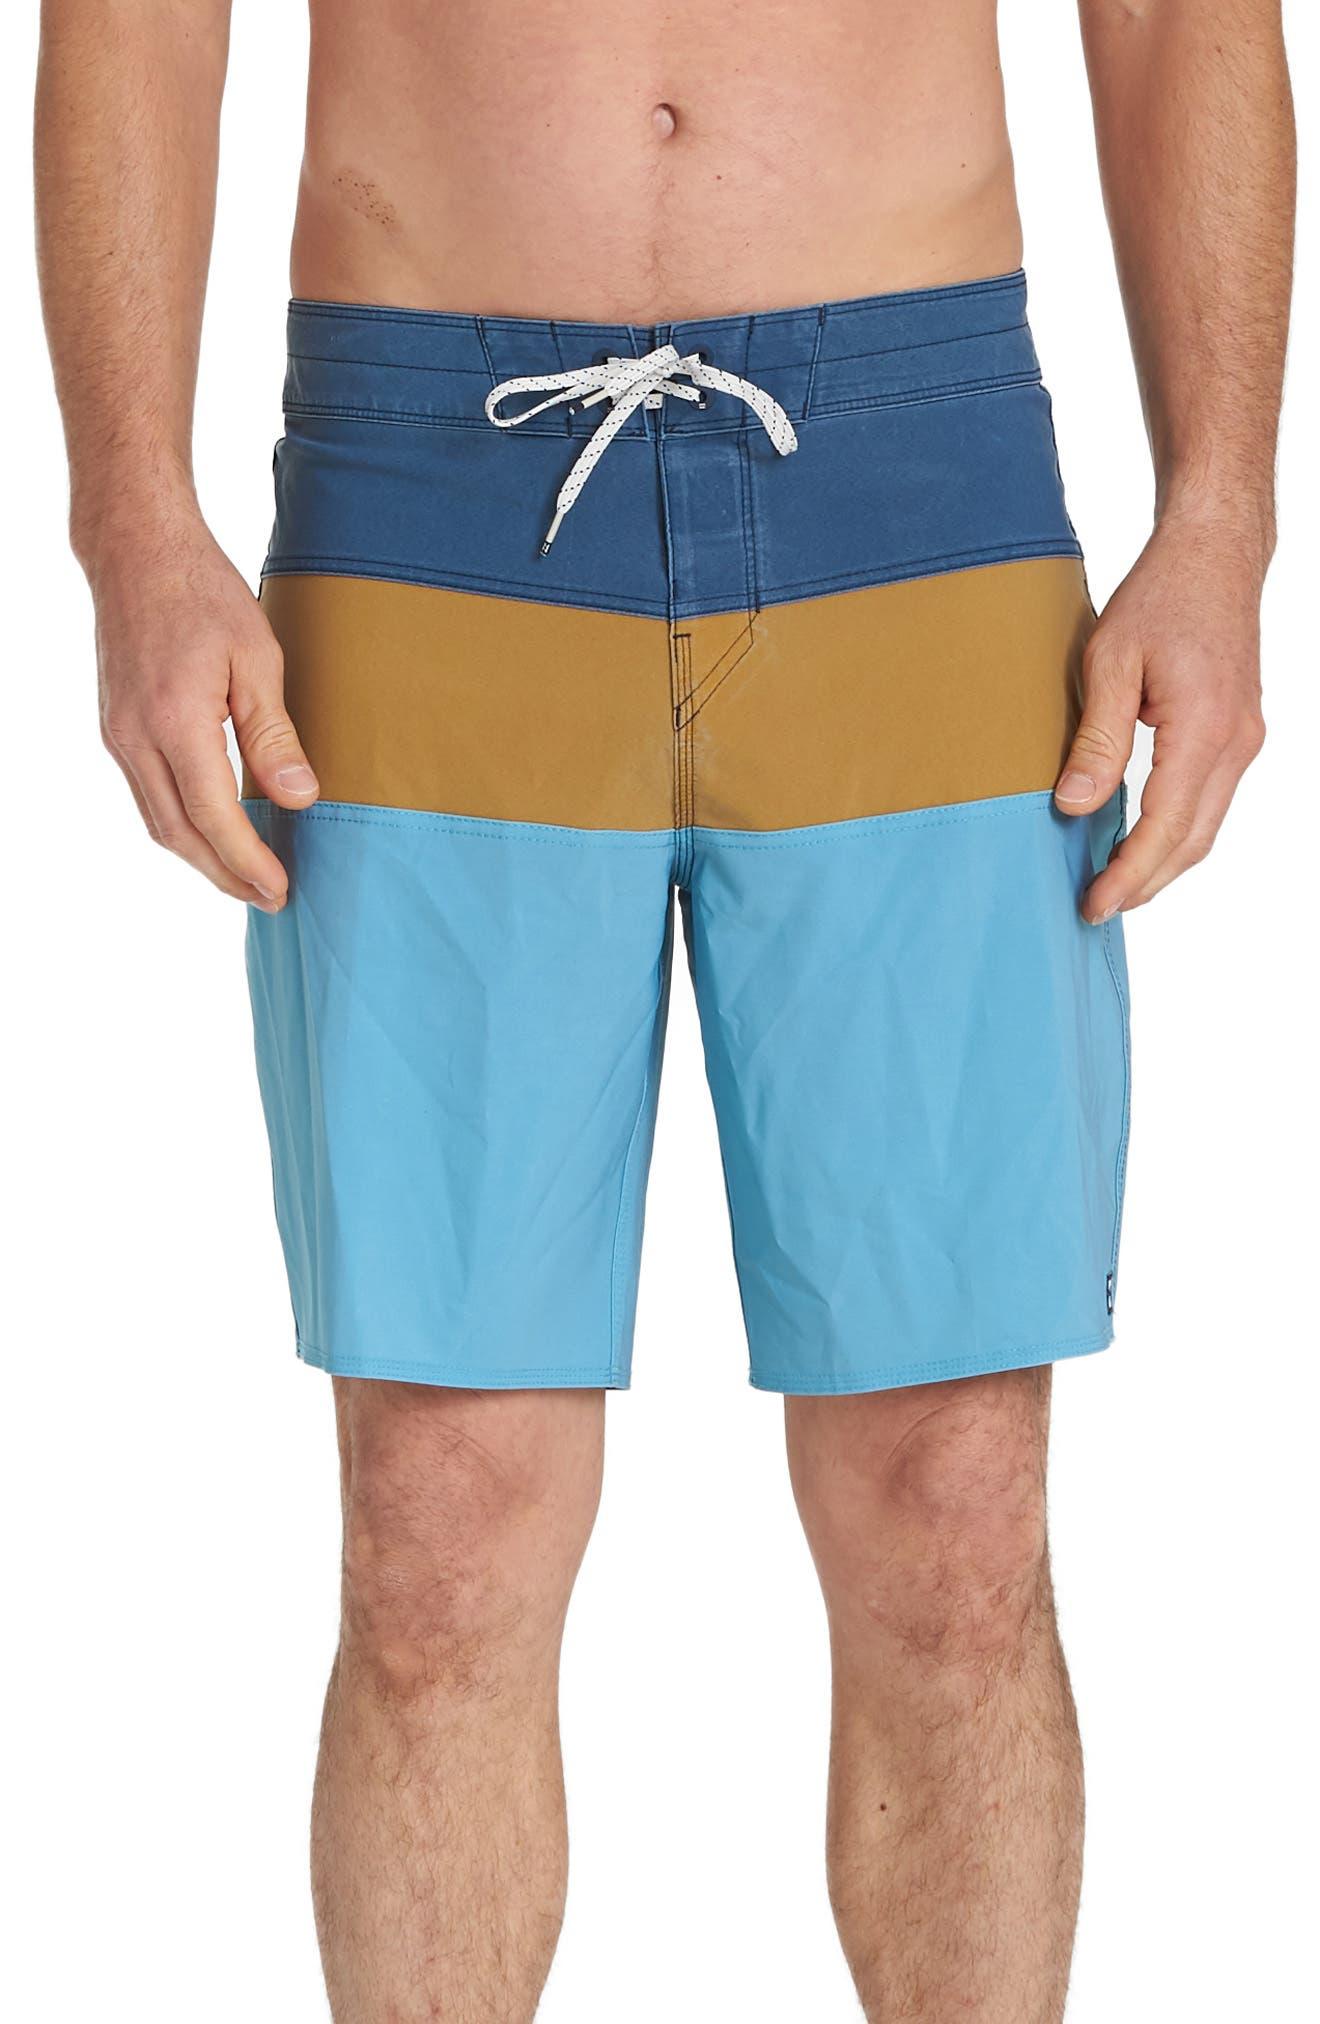 Billabong Tribong Pro Board Shorts, Yellow